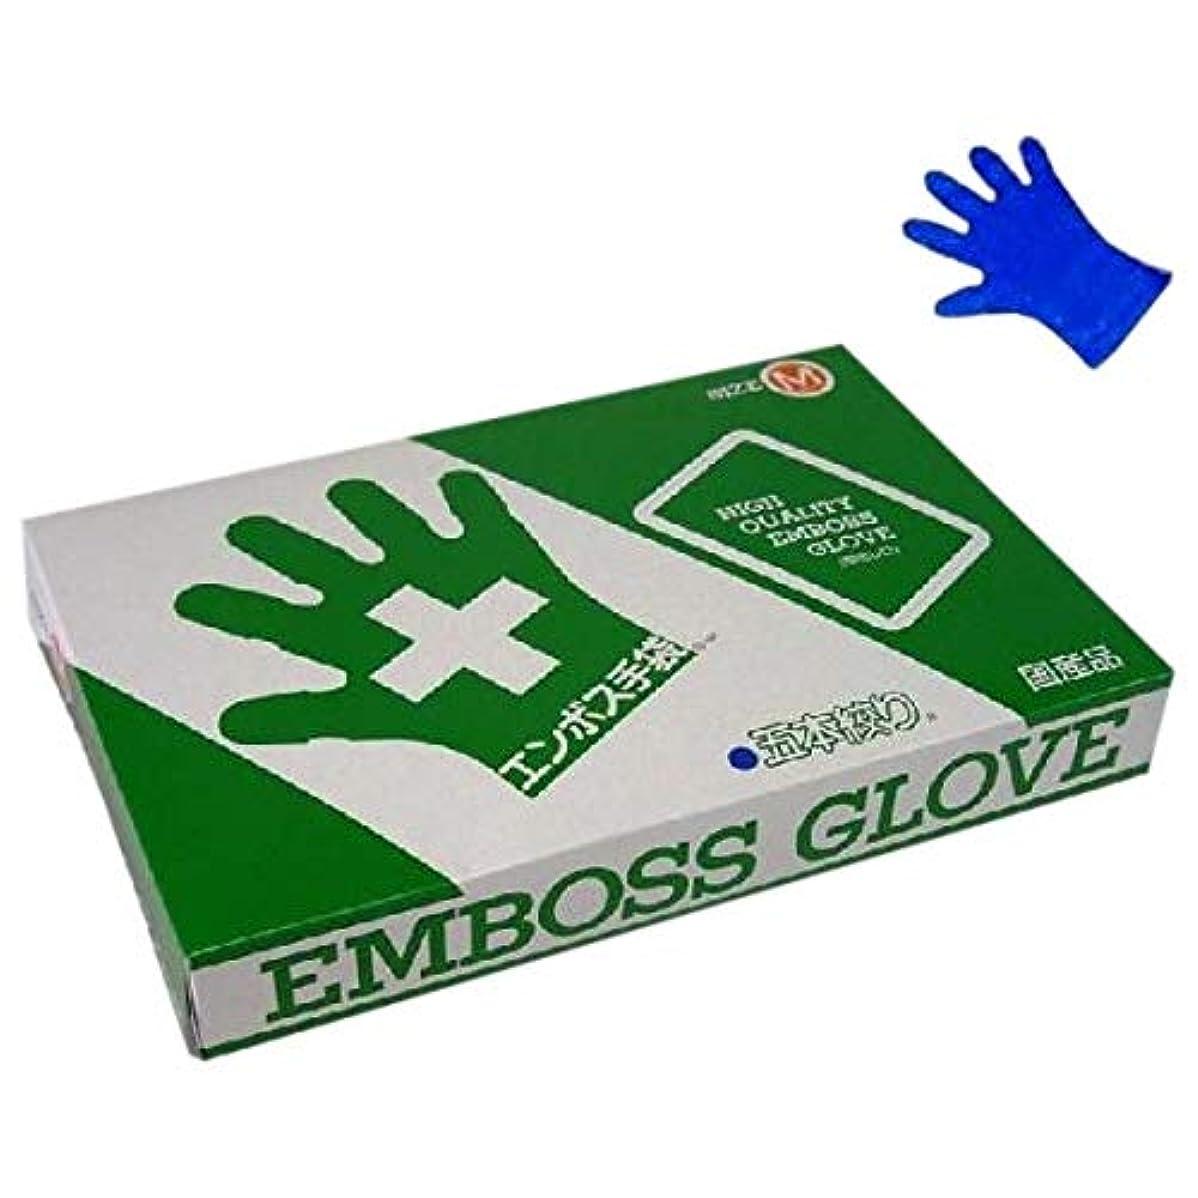 エンボス手袋 5本絞り ブルータイプ 化粧箱入 東京パック M 200枚入×20箱